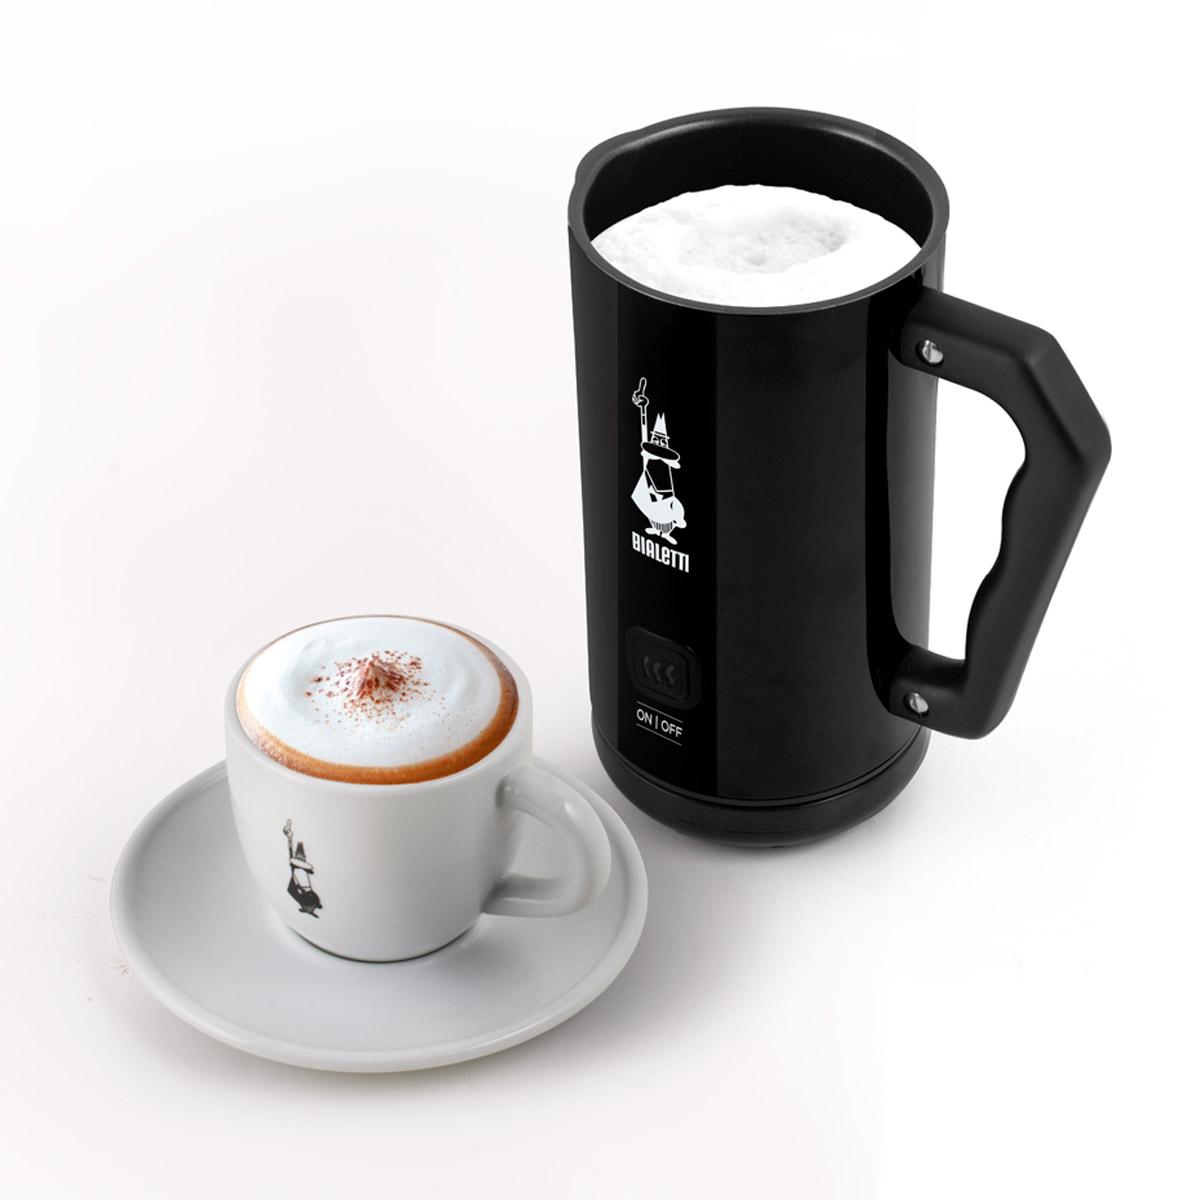 Milk Frother Espumador de Leche Eléctrico automático negro y taza de cappuccino Bialetti